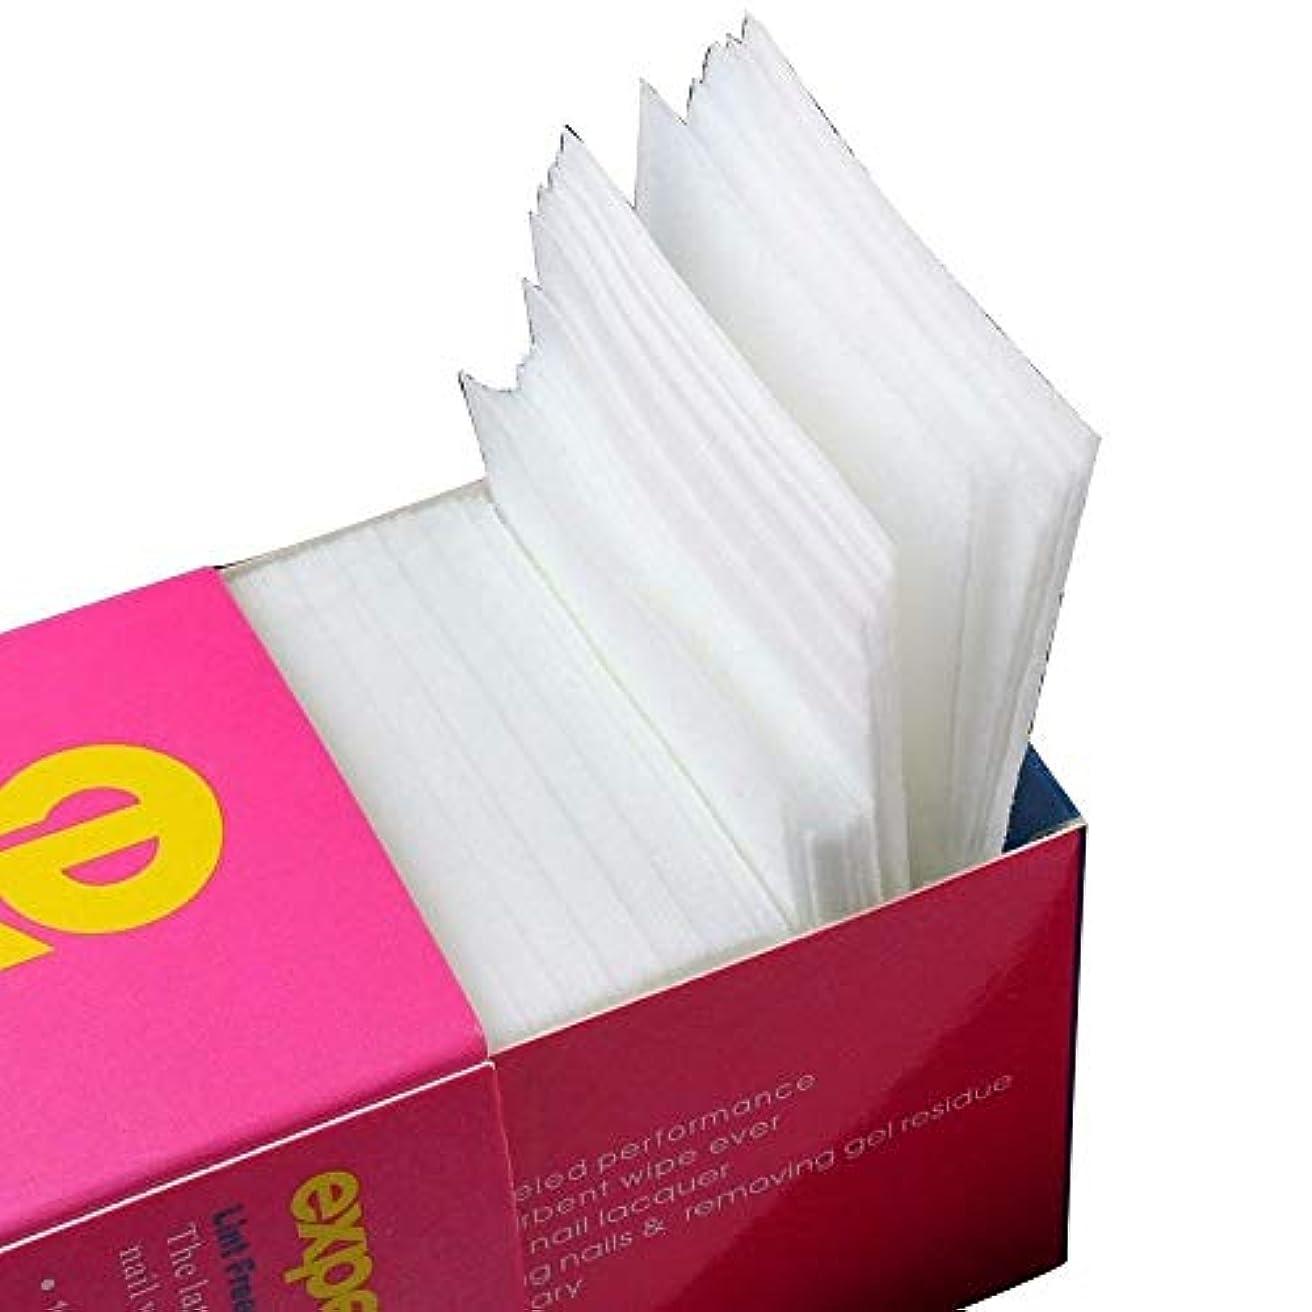 補正踊り子永遠の1st market 大人気 ネイル ワイプ コットン 天然素材 不織布 ジェルの拭き取り 油分除去 クリーニング 320枚以上 高品質